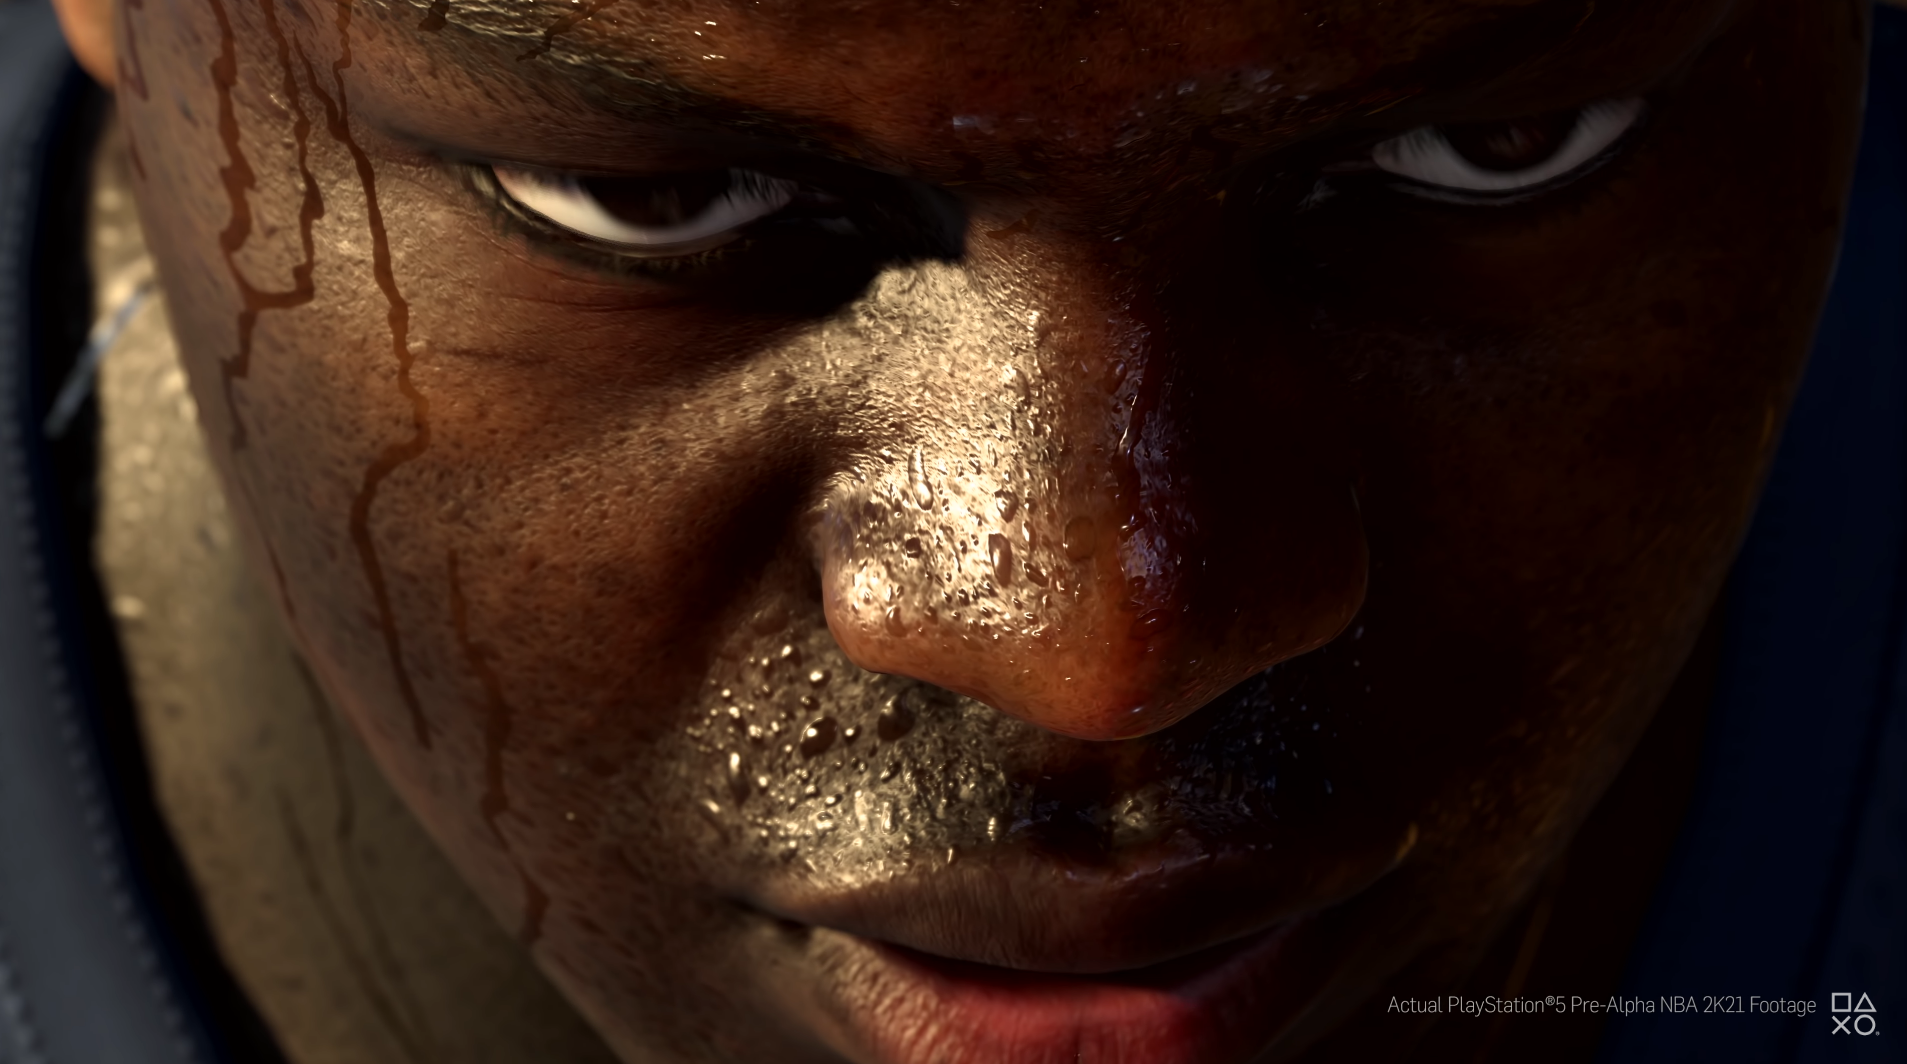 Цена быстрых загрузок: игры для PlayStation 5 и Xbox Series X подорожают до $70 — говорят аналитики